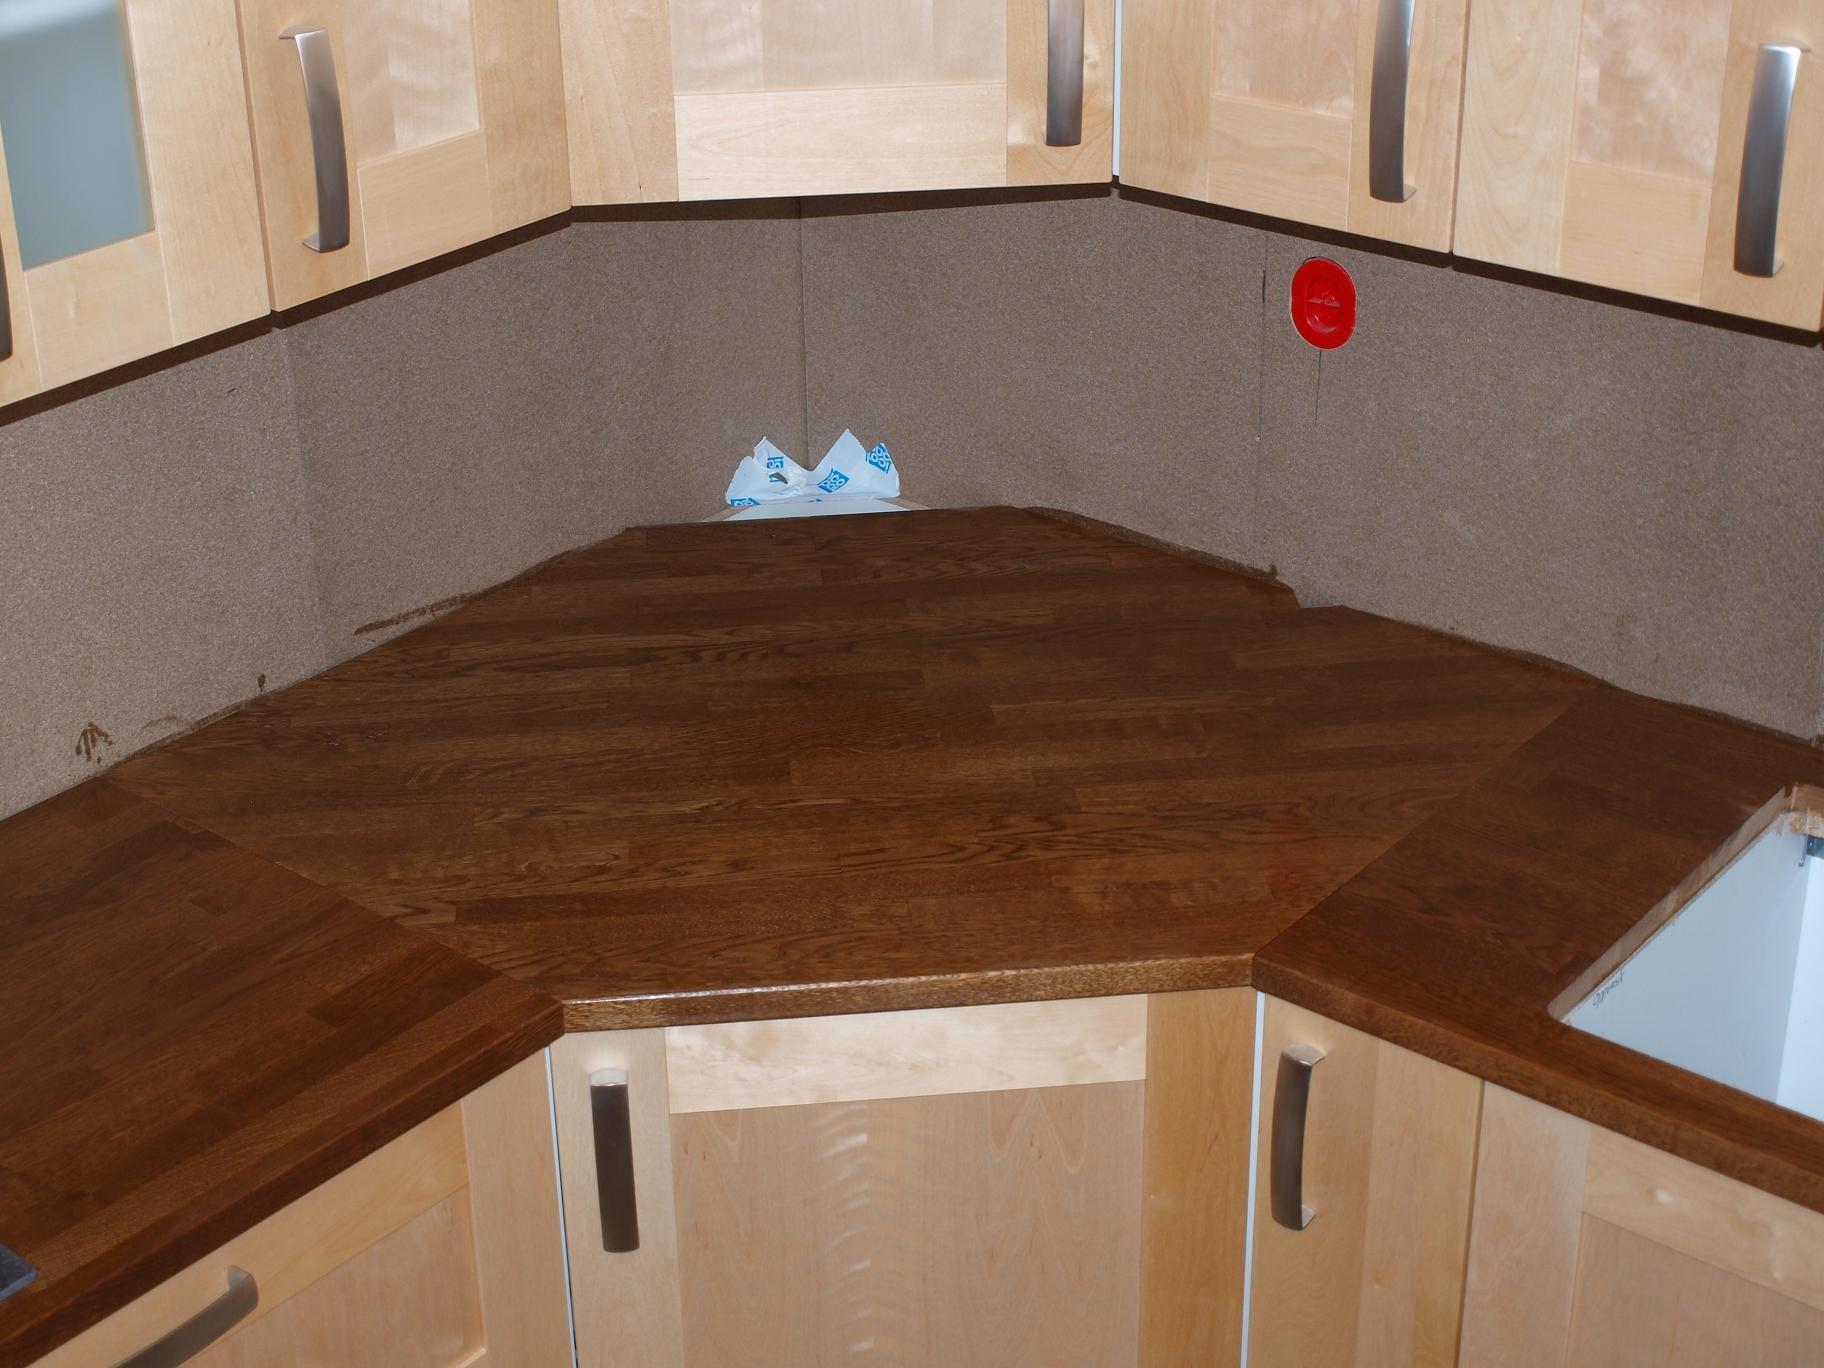 Plassere kjøkkenvask i hjørne - ByggeBolig